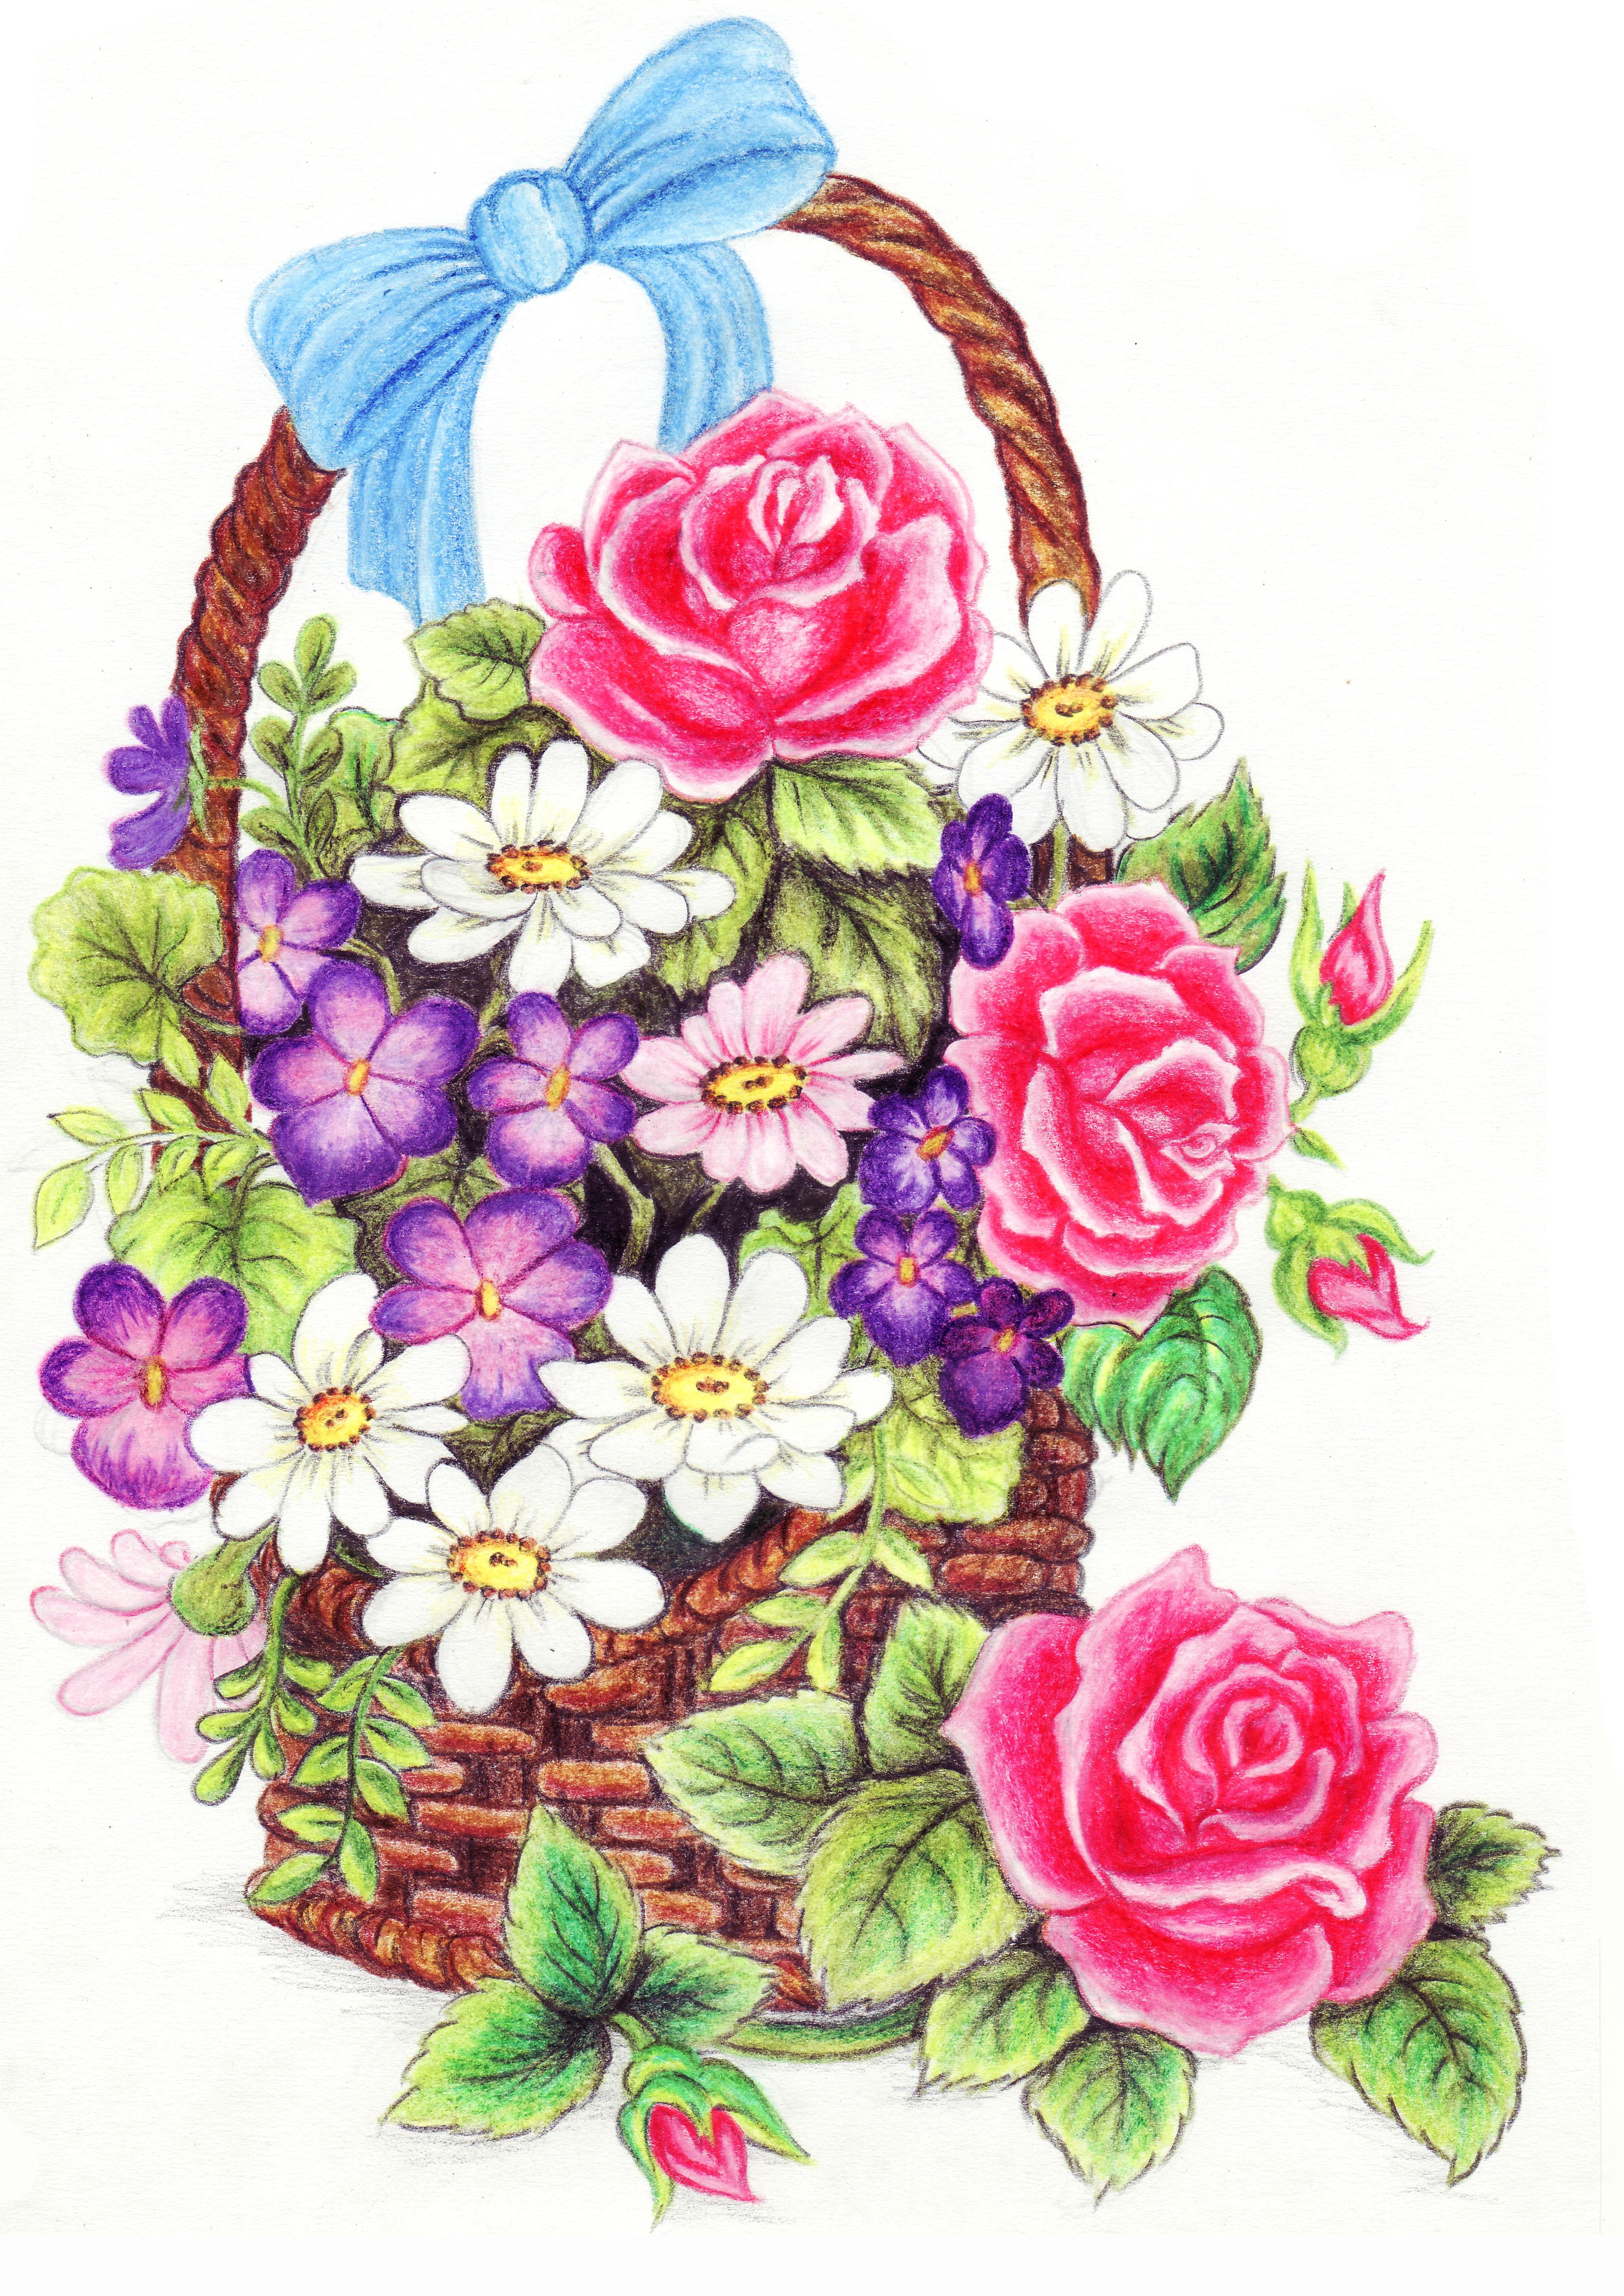 flower basket by lianne29annika on DeviantArt